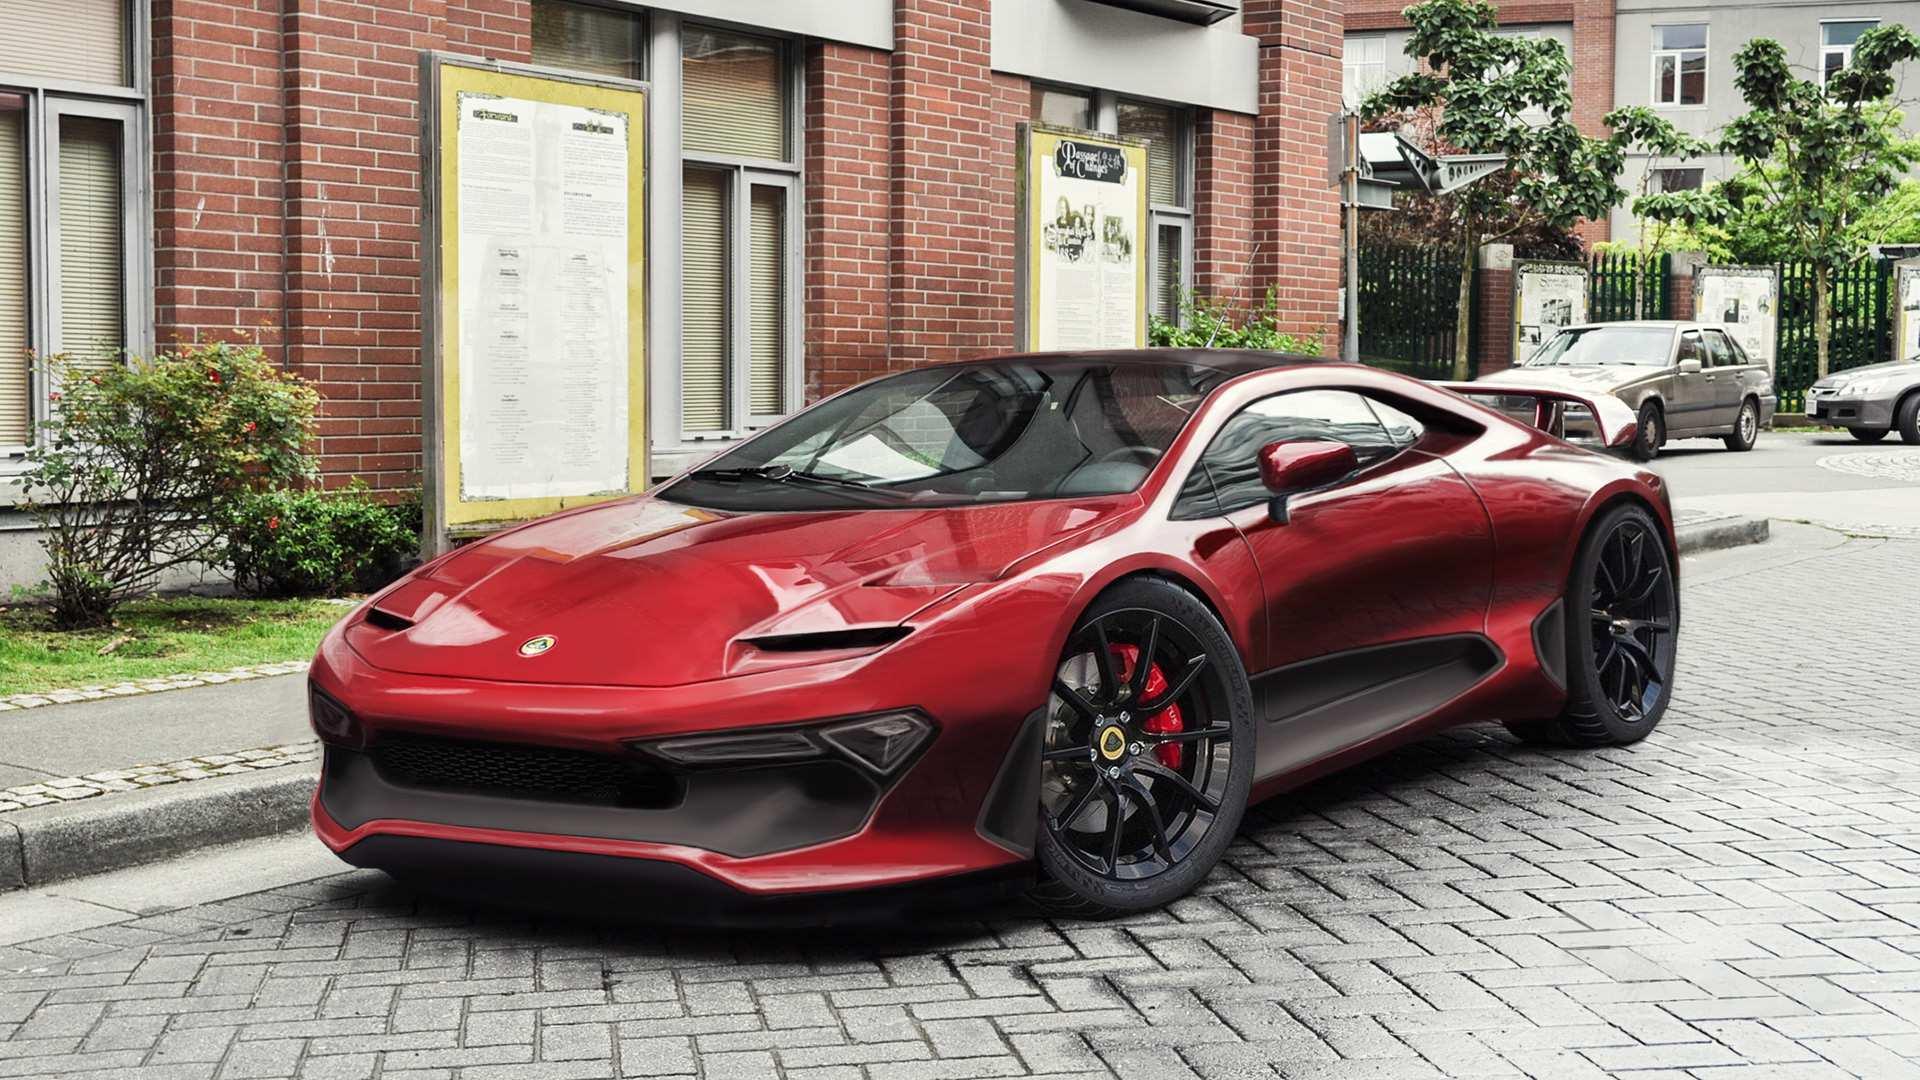 88 Best Review 2020 Lotus Esprit Style by 2020 Lotus Esprit